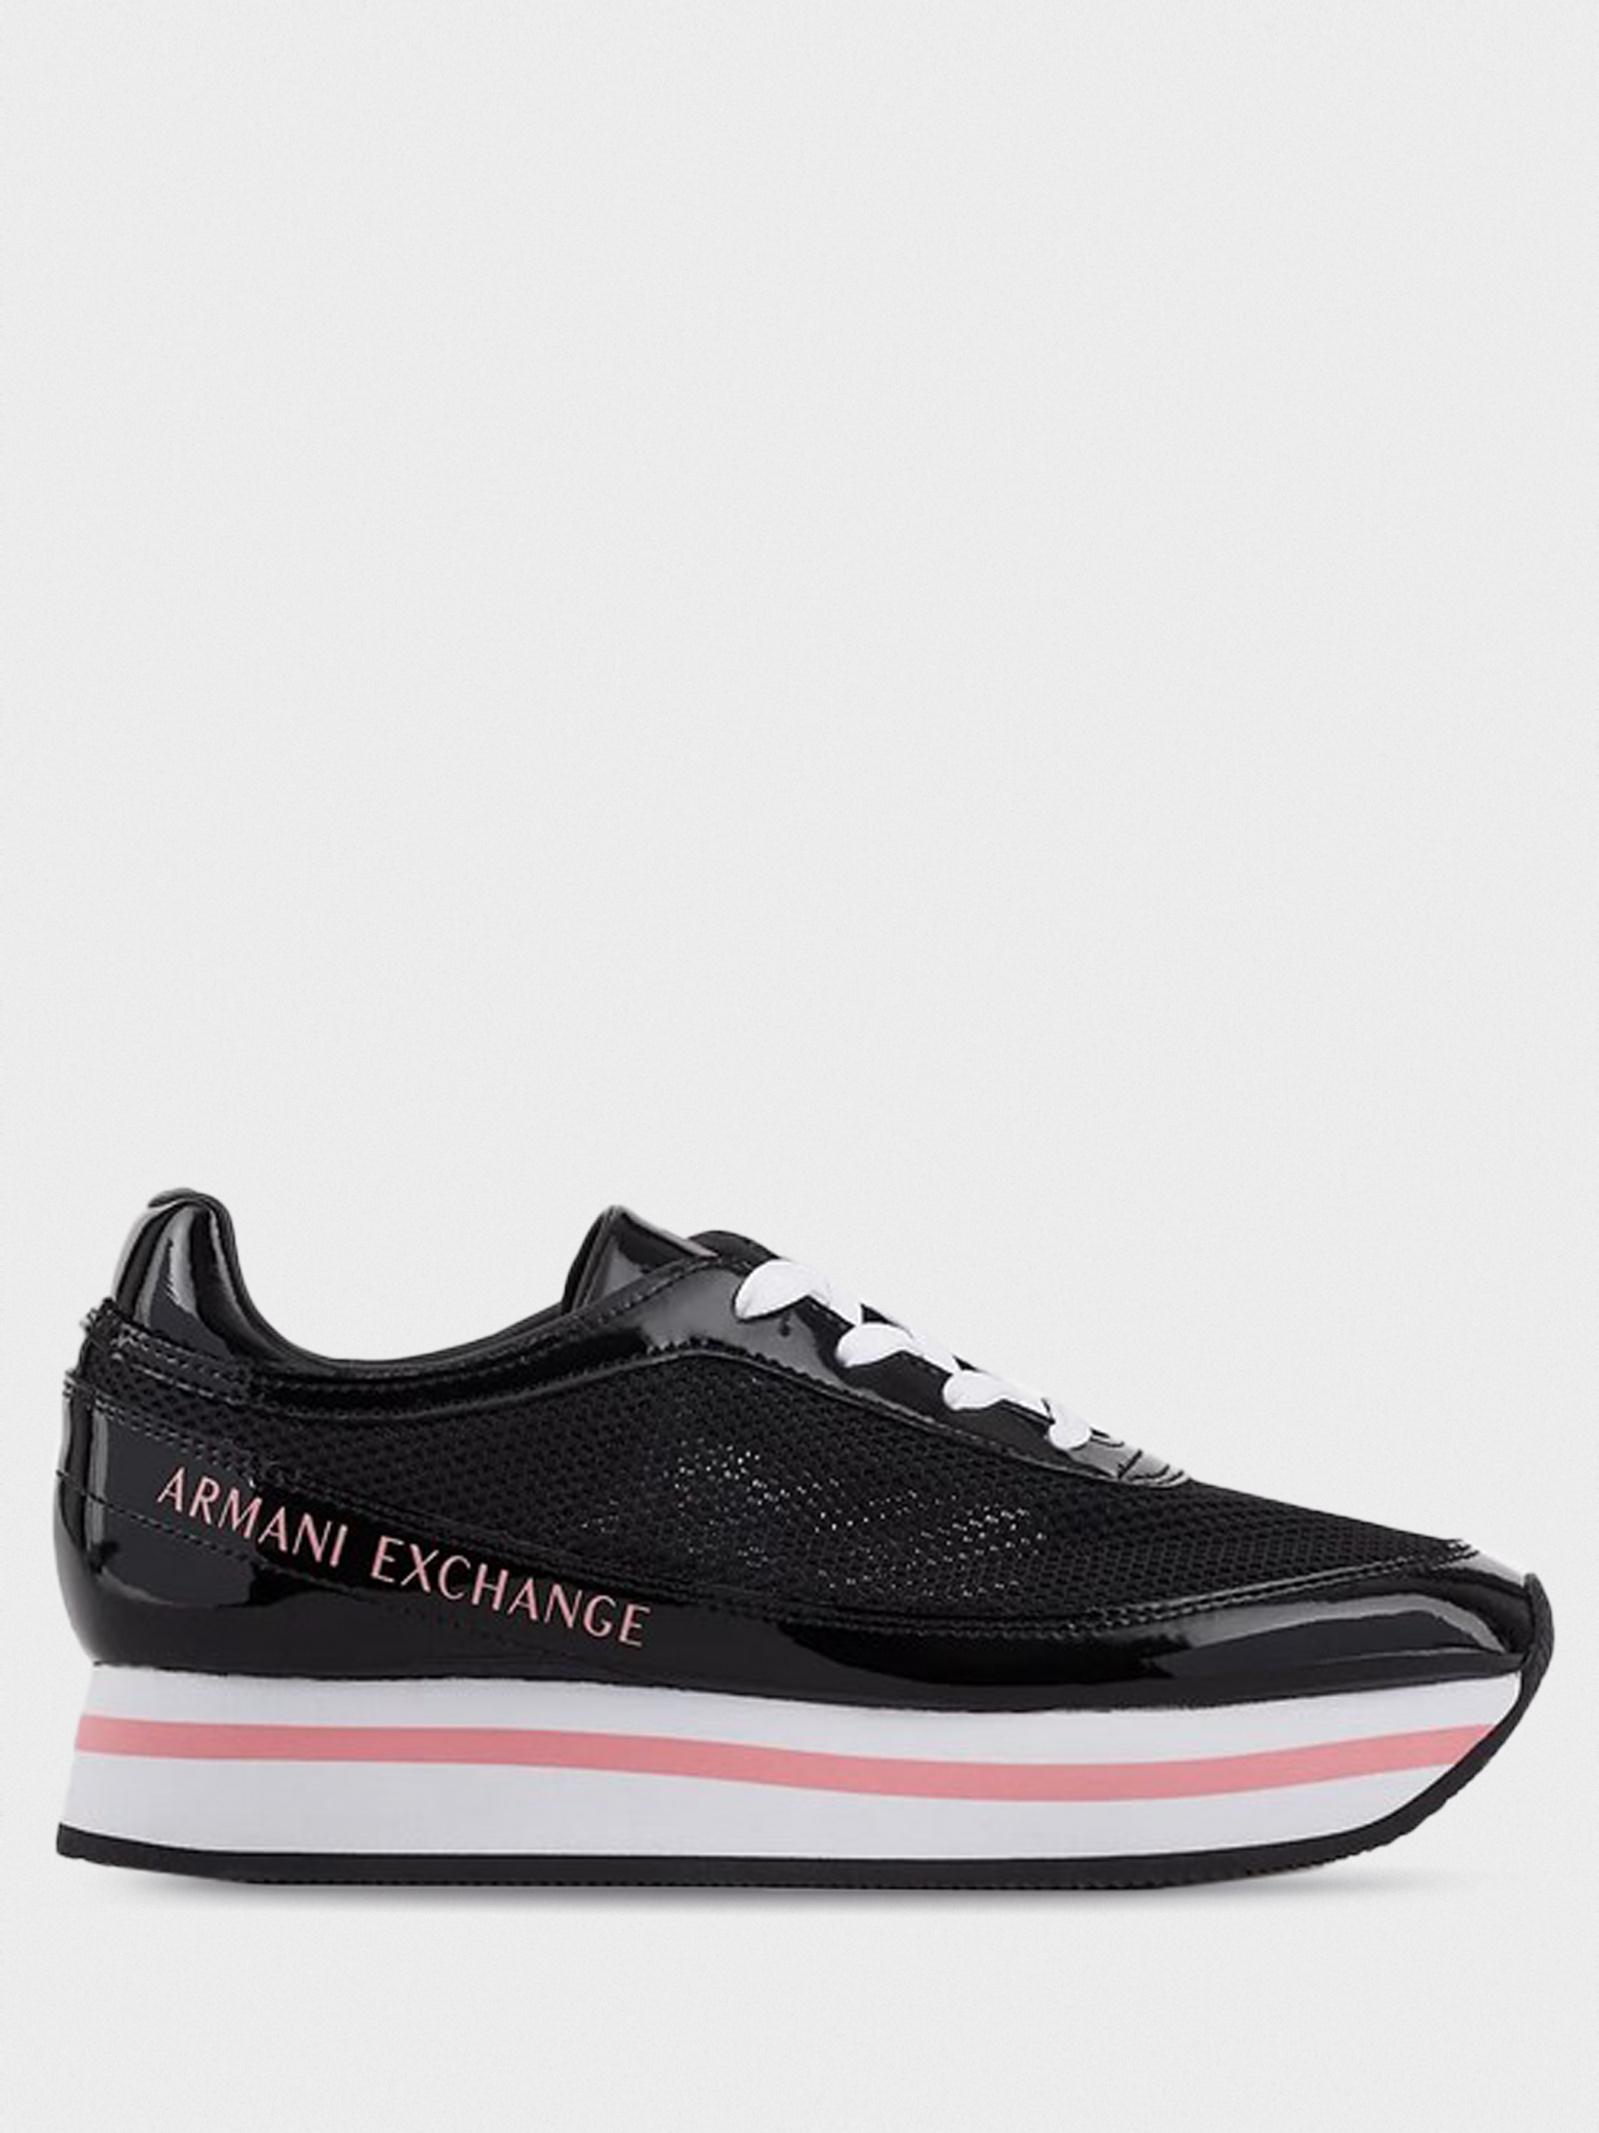 Кроссовки для женщин Armani Exchange XDX030-XV314-00002 модная обувь, 2017